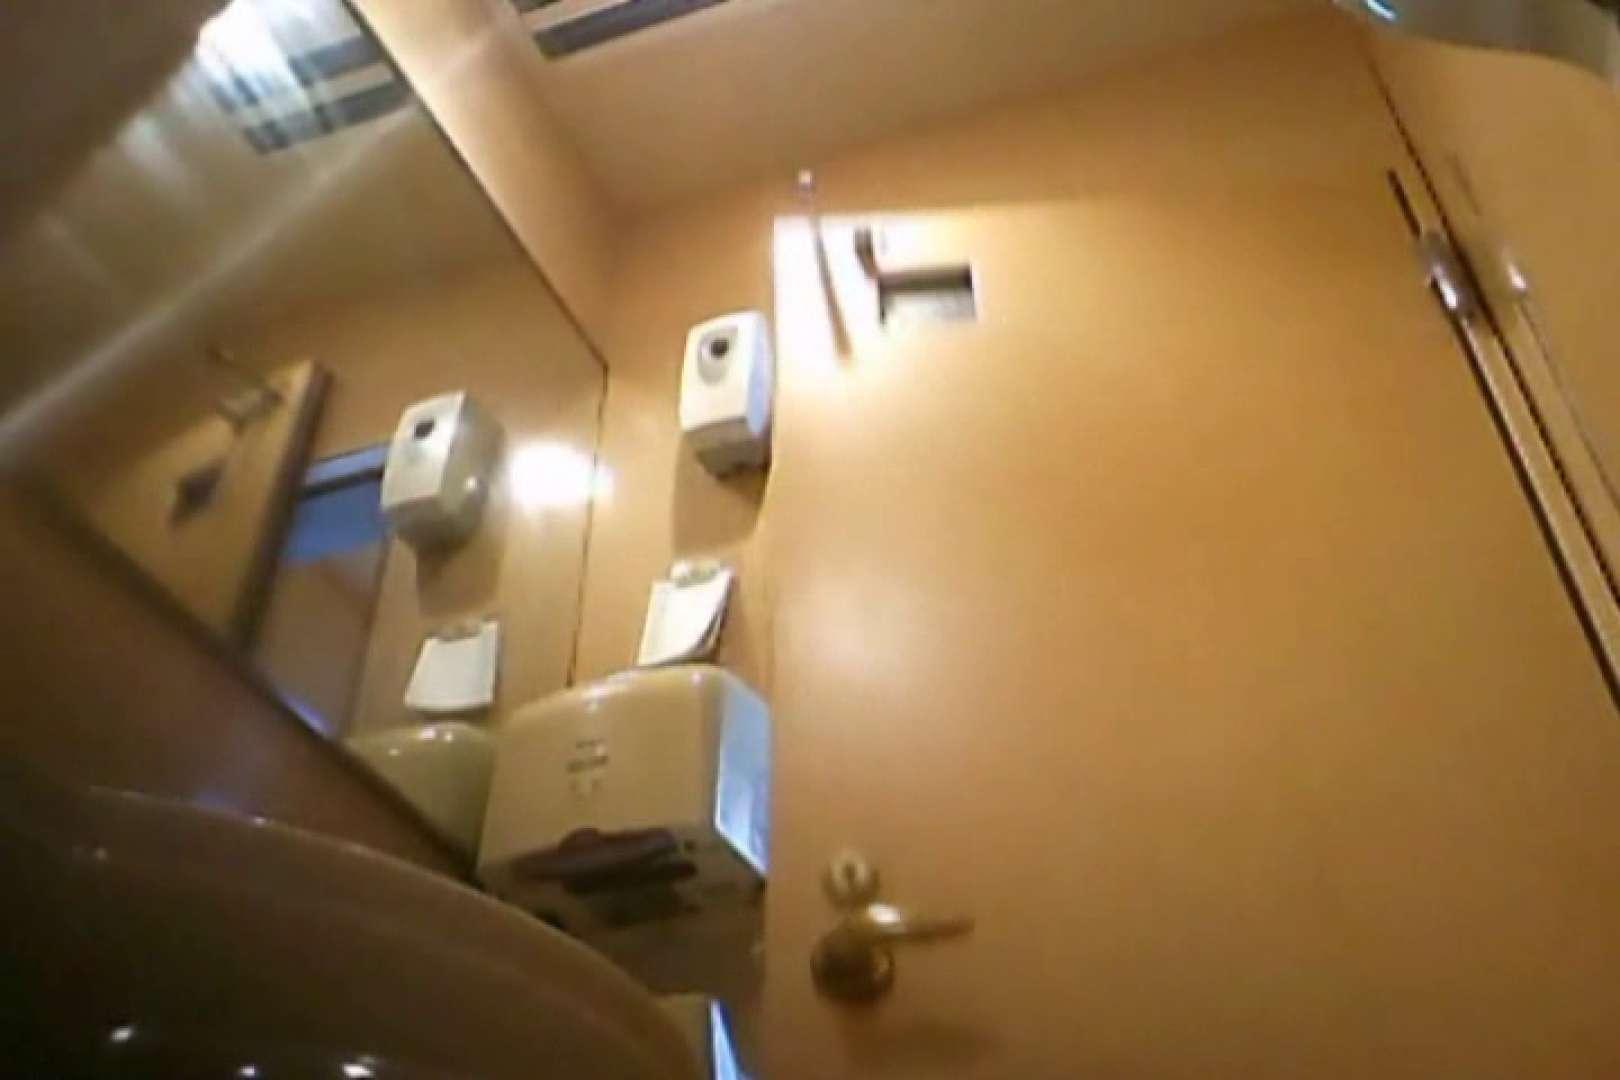 SEASON 3rd!掴み取りさんの洗面所覗き!in新幹線!VOL.20 スーツボーイズ | ボーイズ私服  65pic 44